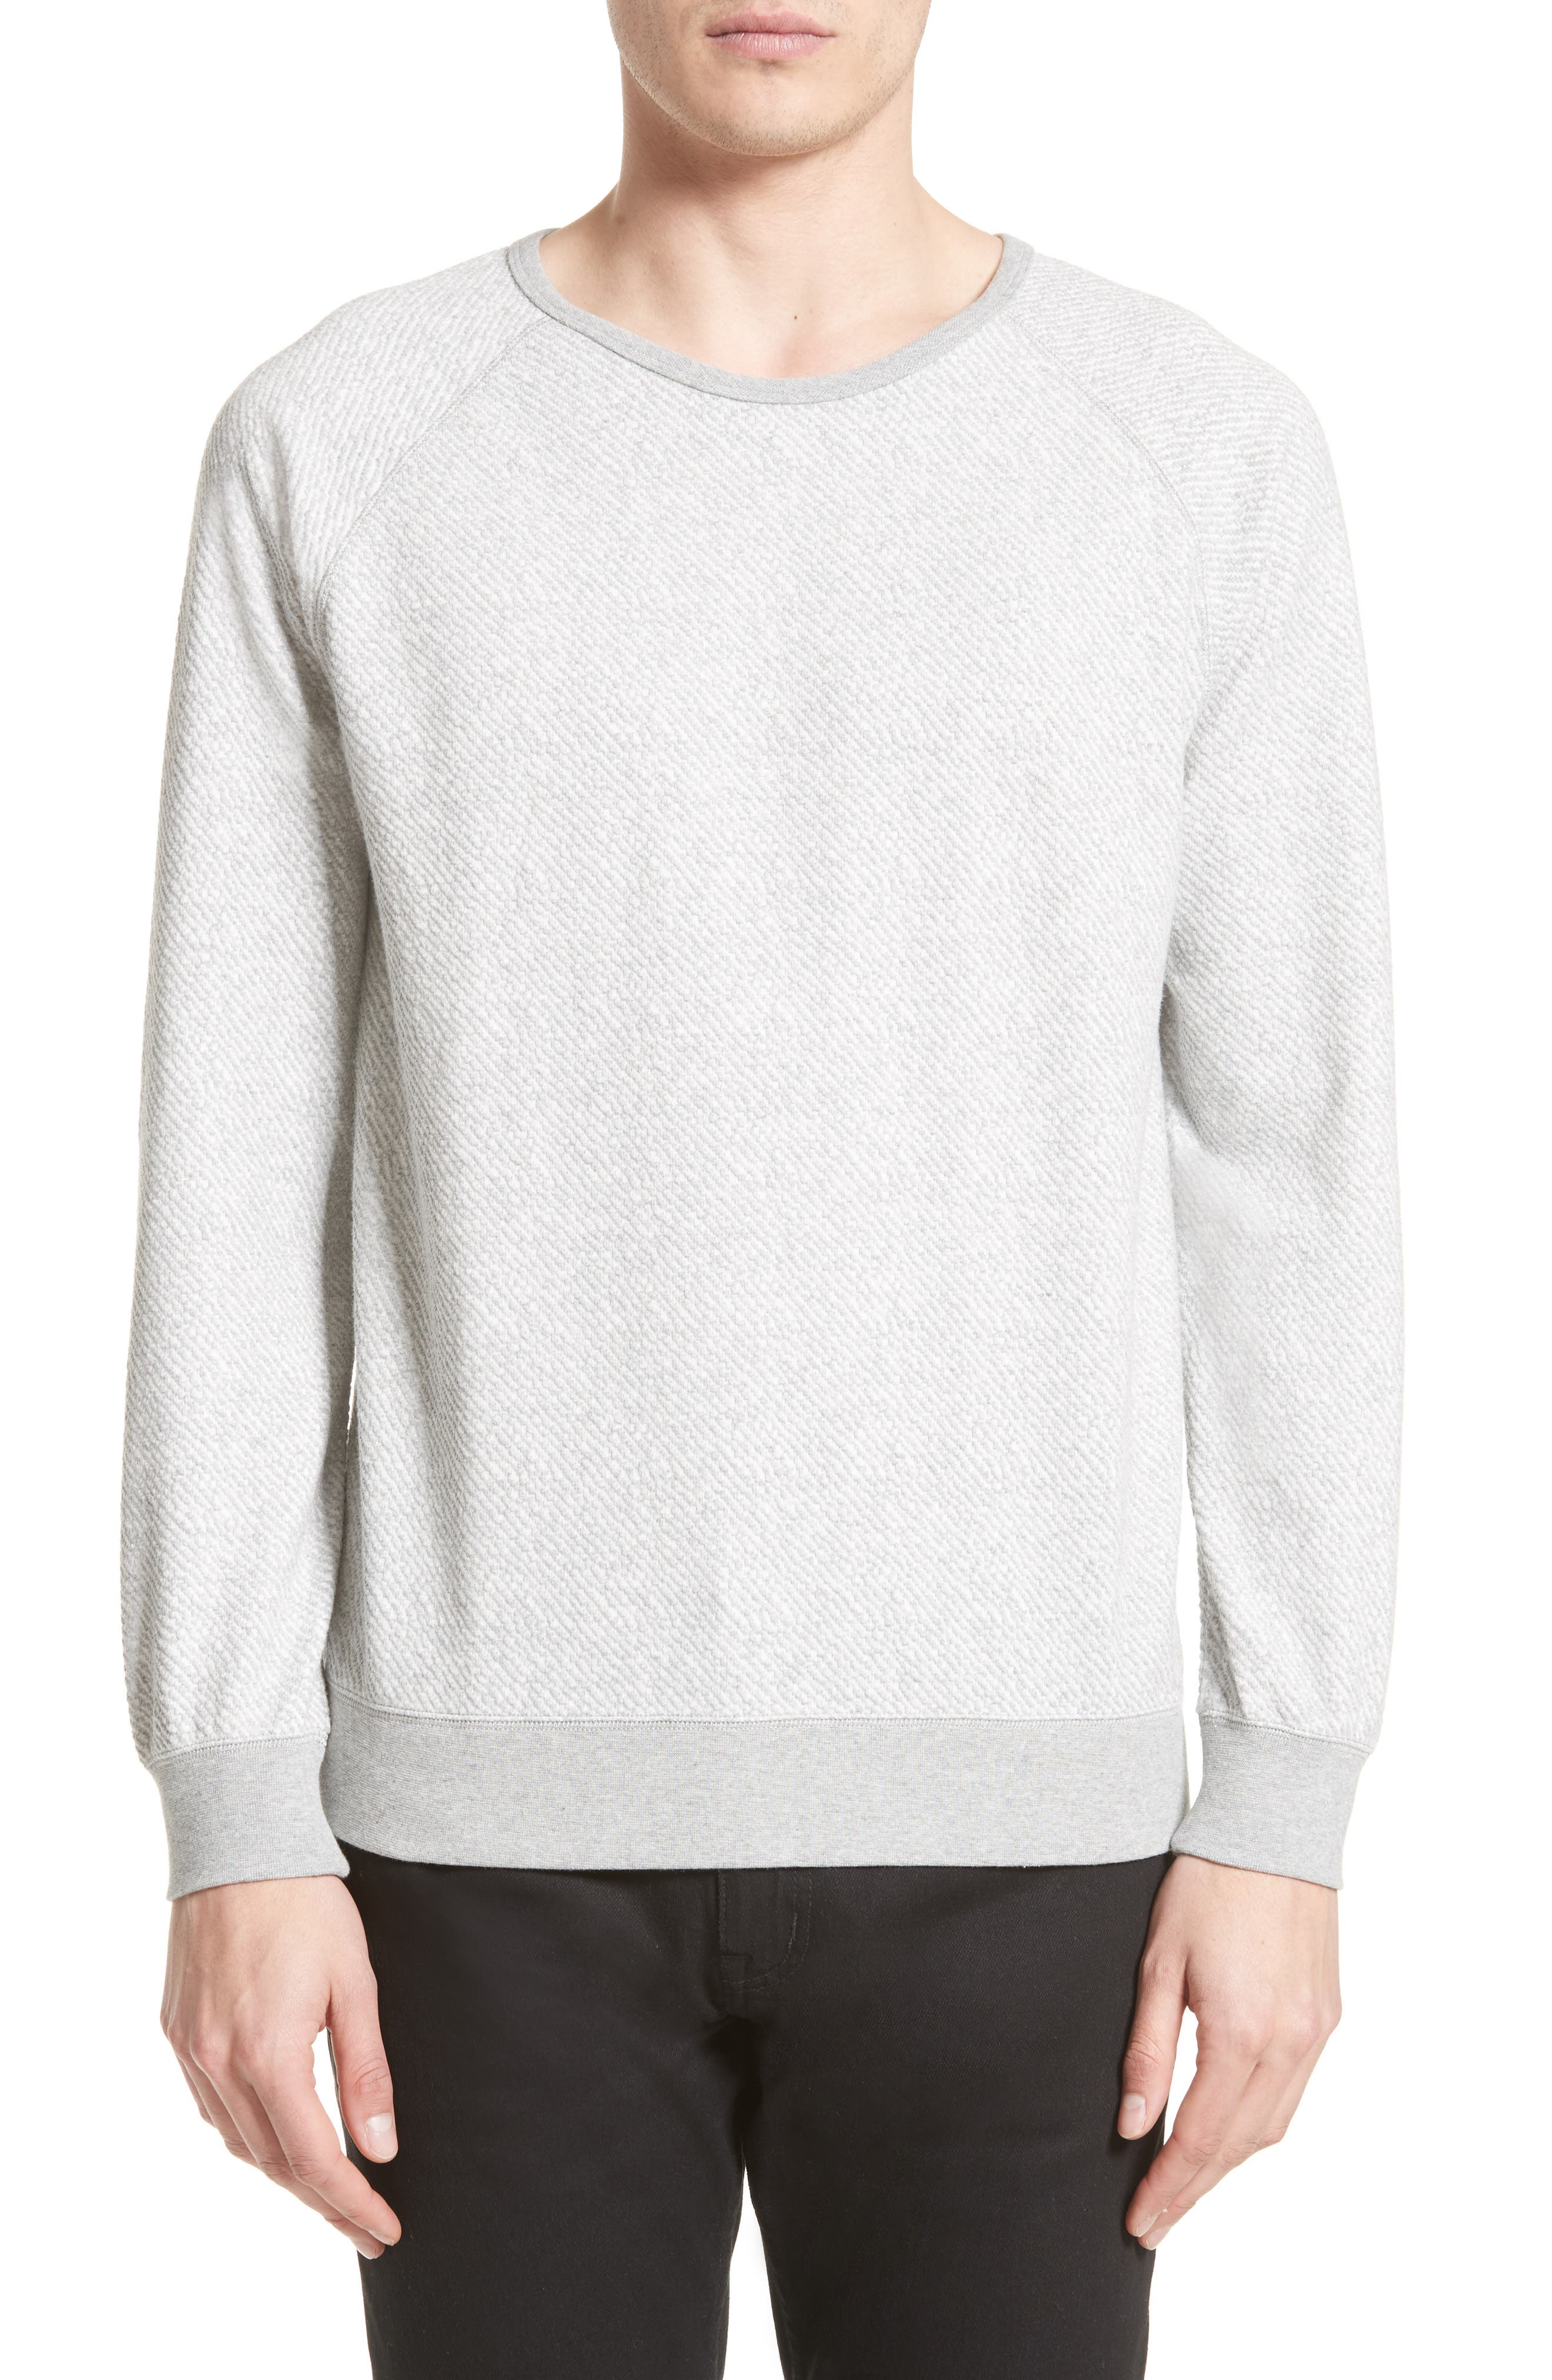 Main Image - Saturdays NYC Kasu Sweater